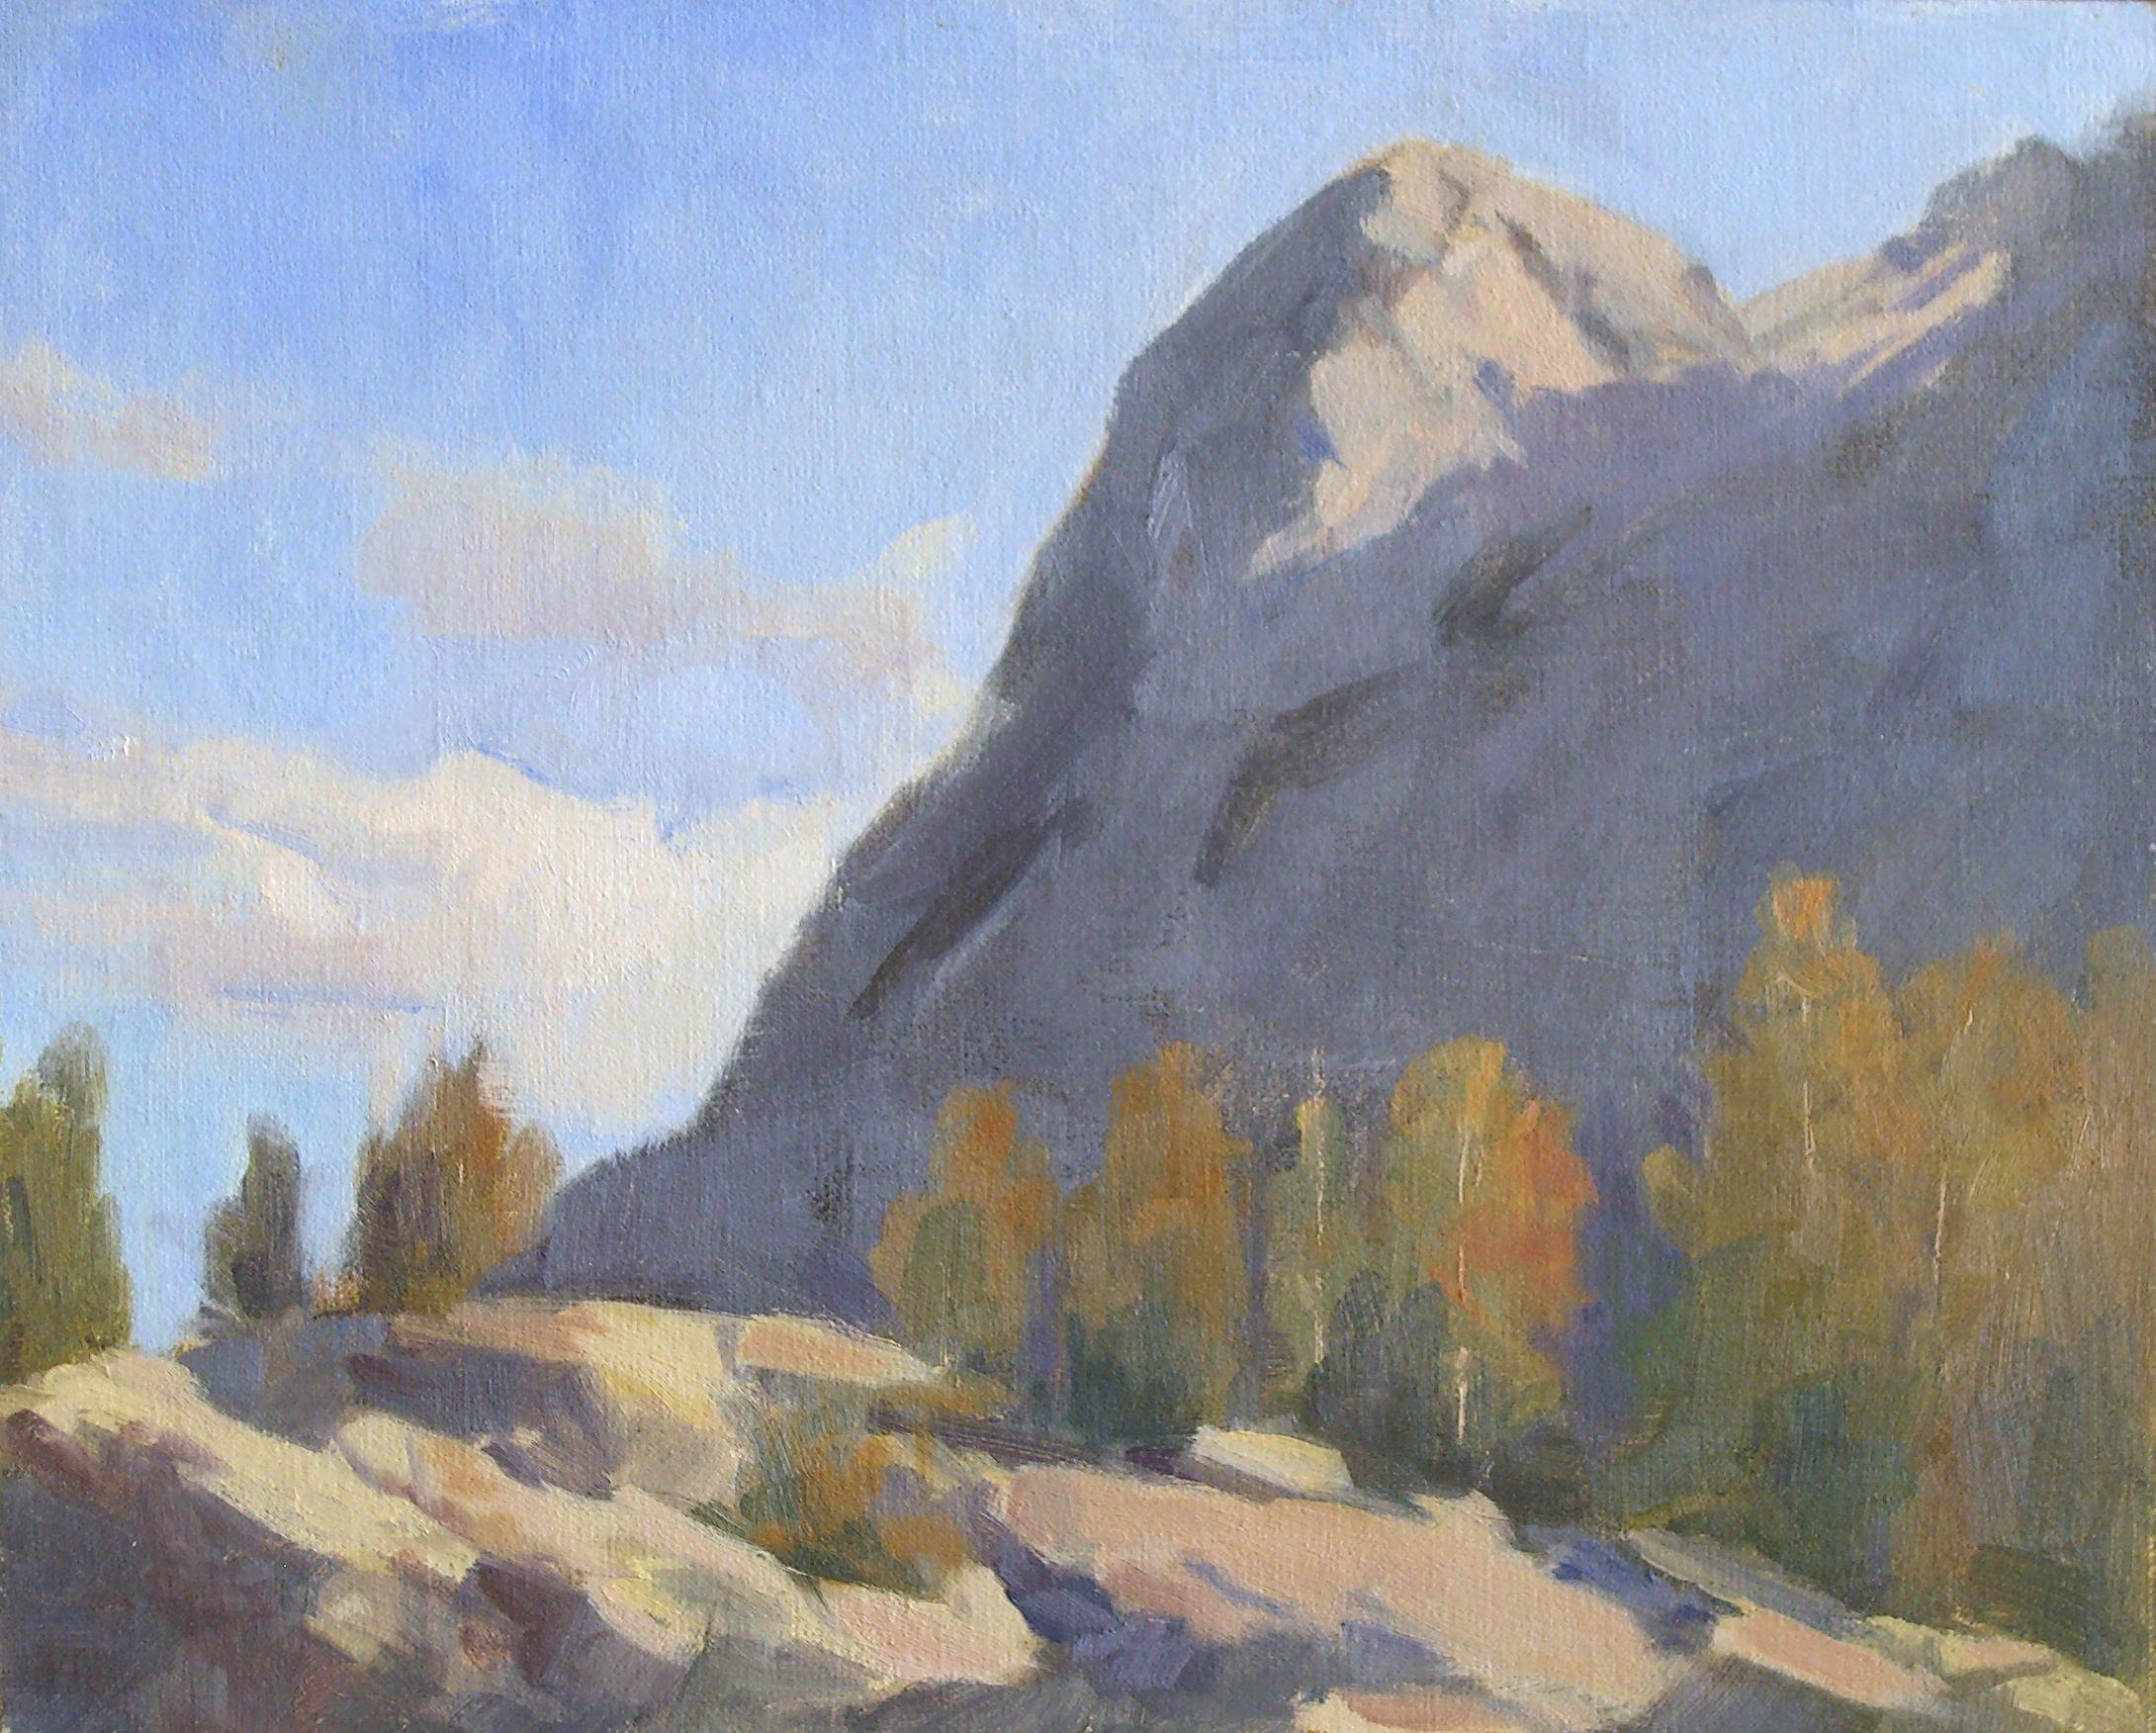 Lundy Canyon, oil, 8x10